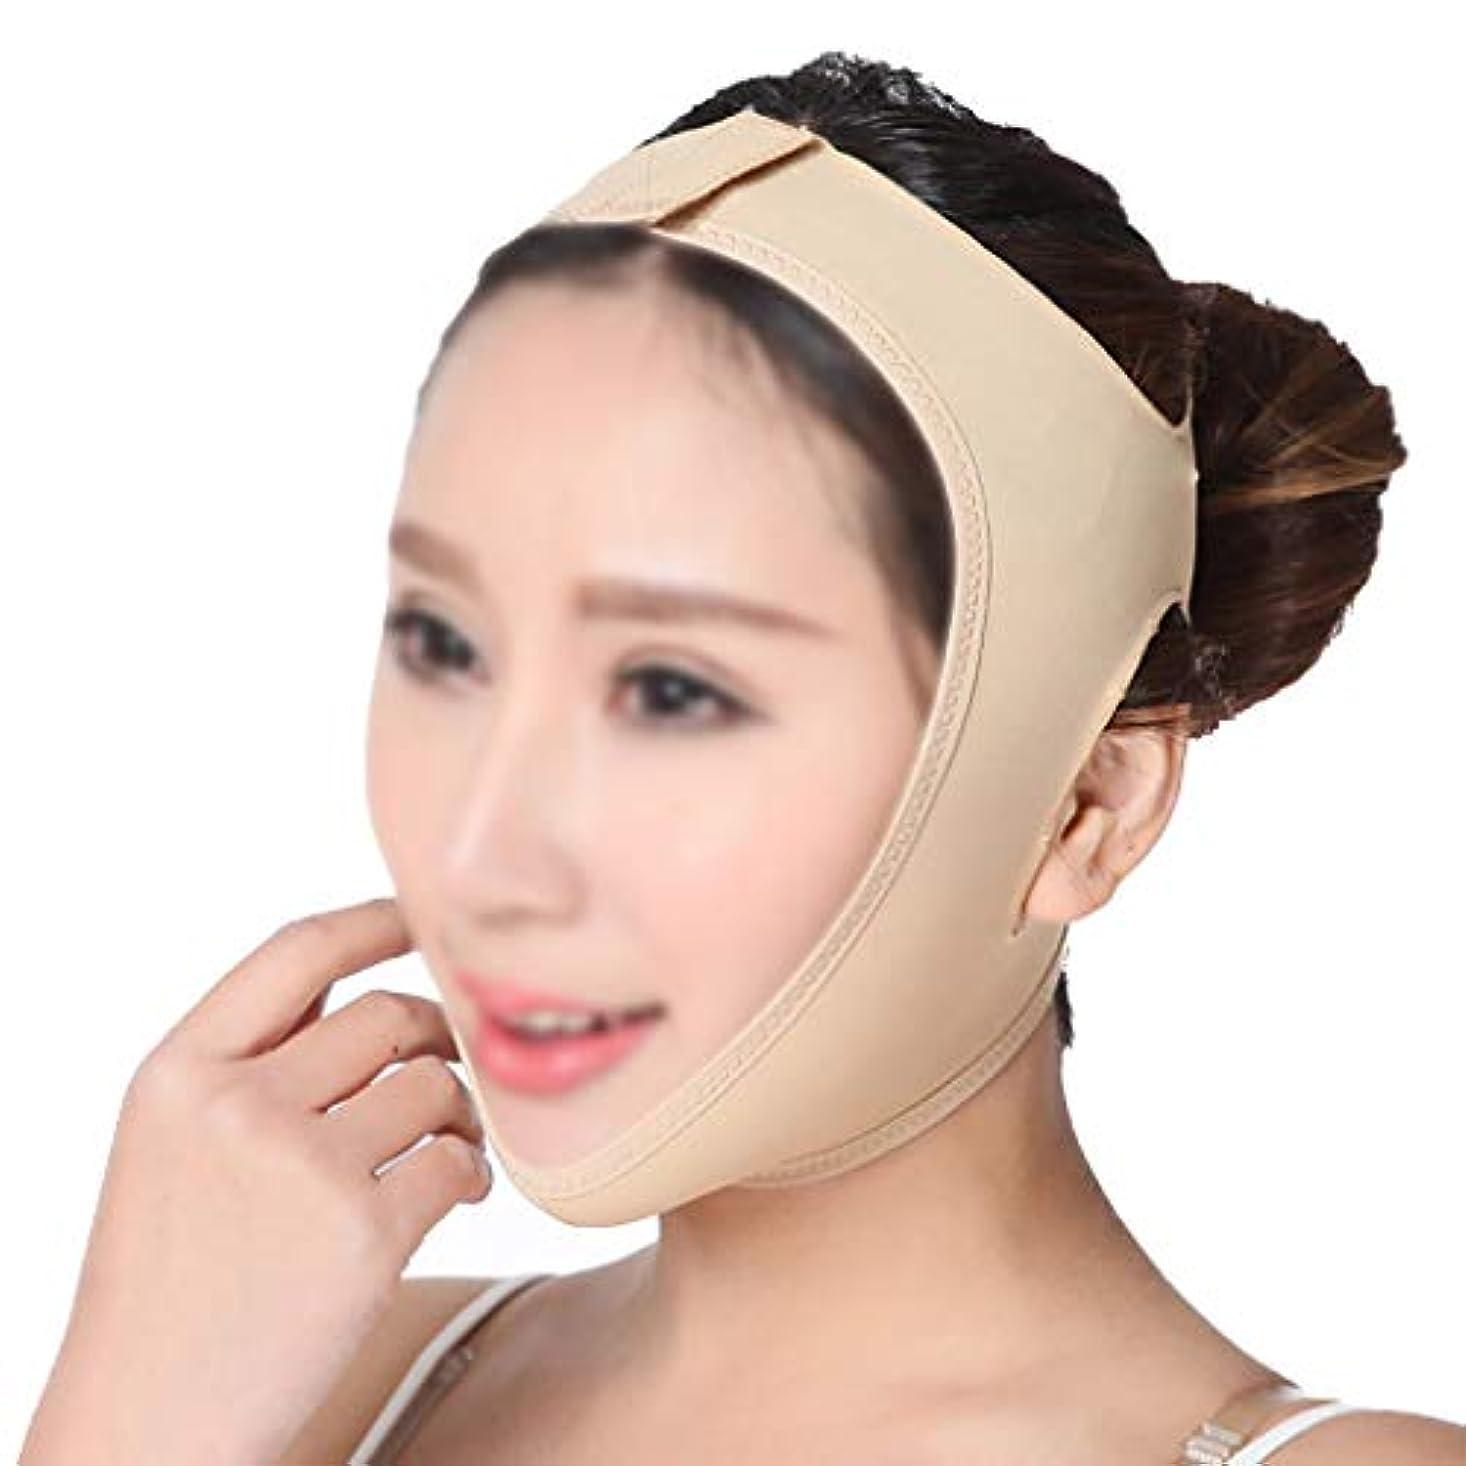 トラップアプライアンス統計XHLMRMJ 薄い顔包帯顔スリム二重あごを取り除くVラインの顔の形を作成するあごの頬リフトアップ抗しわを持ち上げるベルトフェイスマッサージツール (Size : XL)